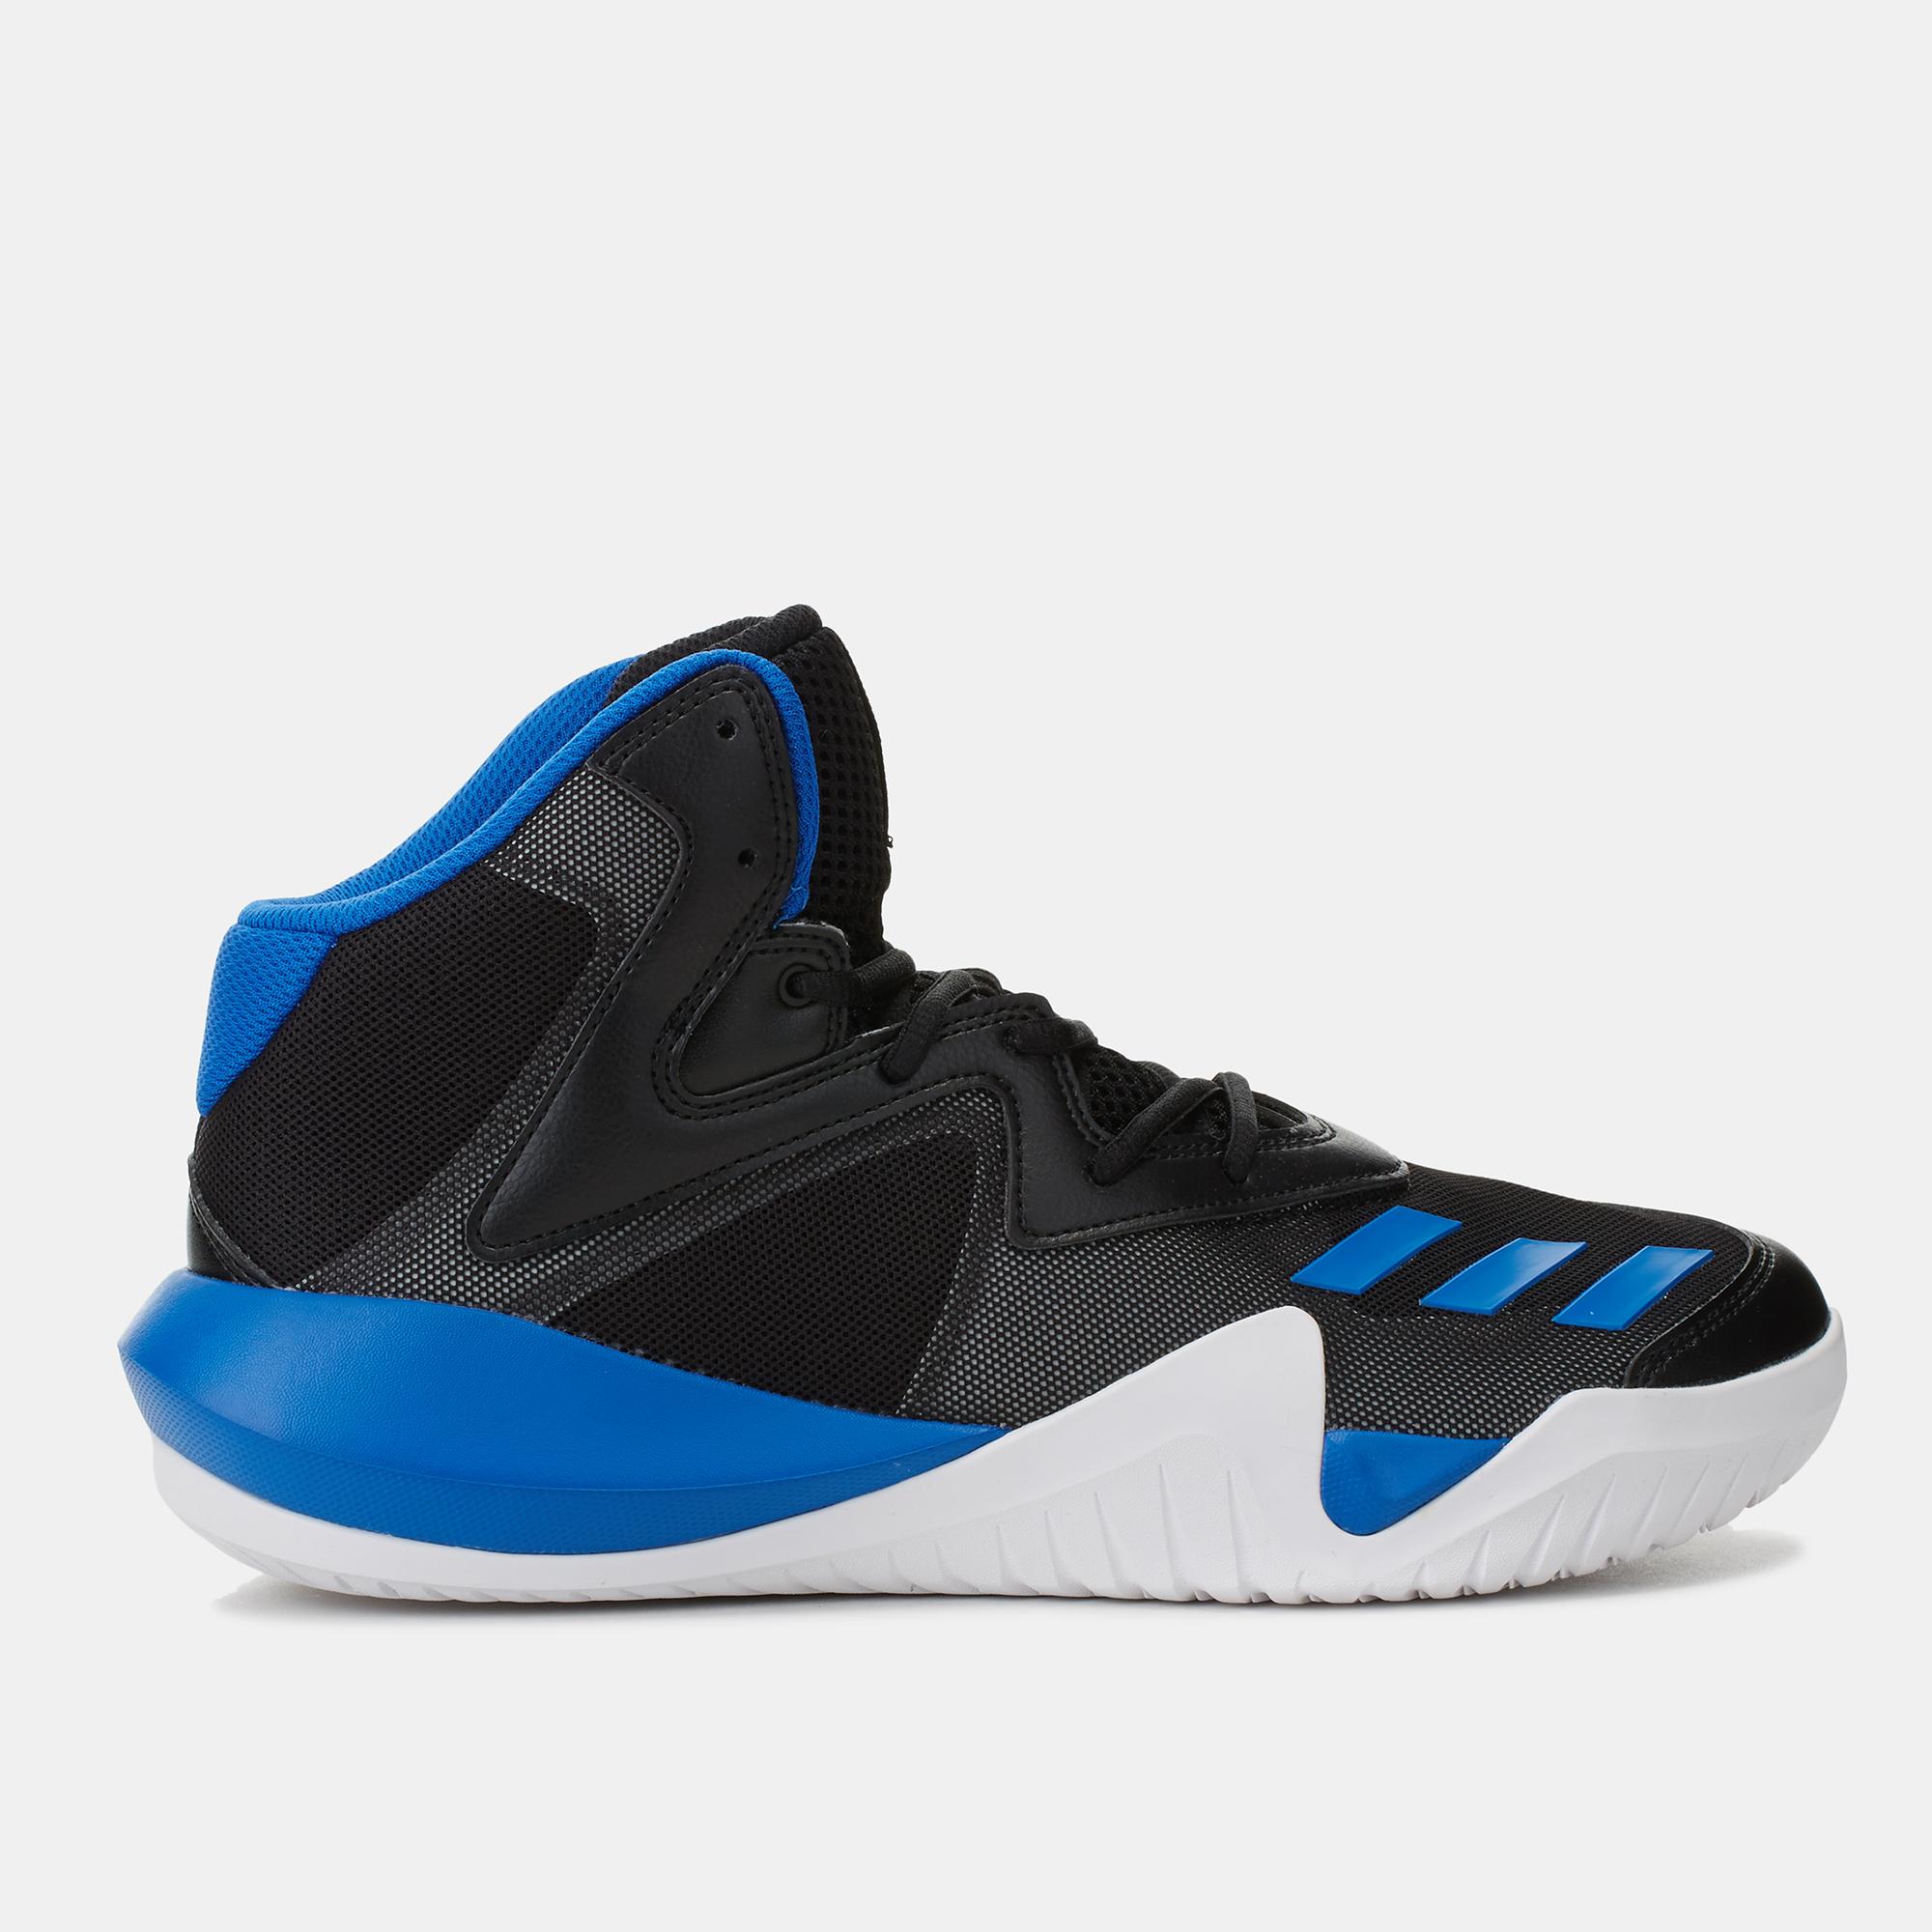 Zapatillas de baloncesto adidas 2017 adidas Crazy baloncesto Team 2017 | 719b668 - rspr.host